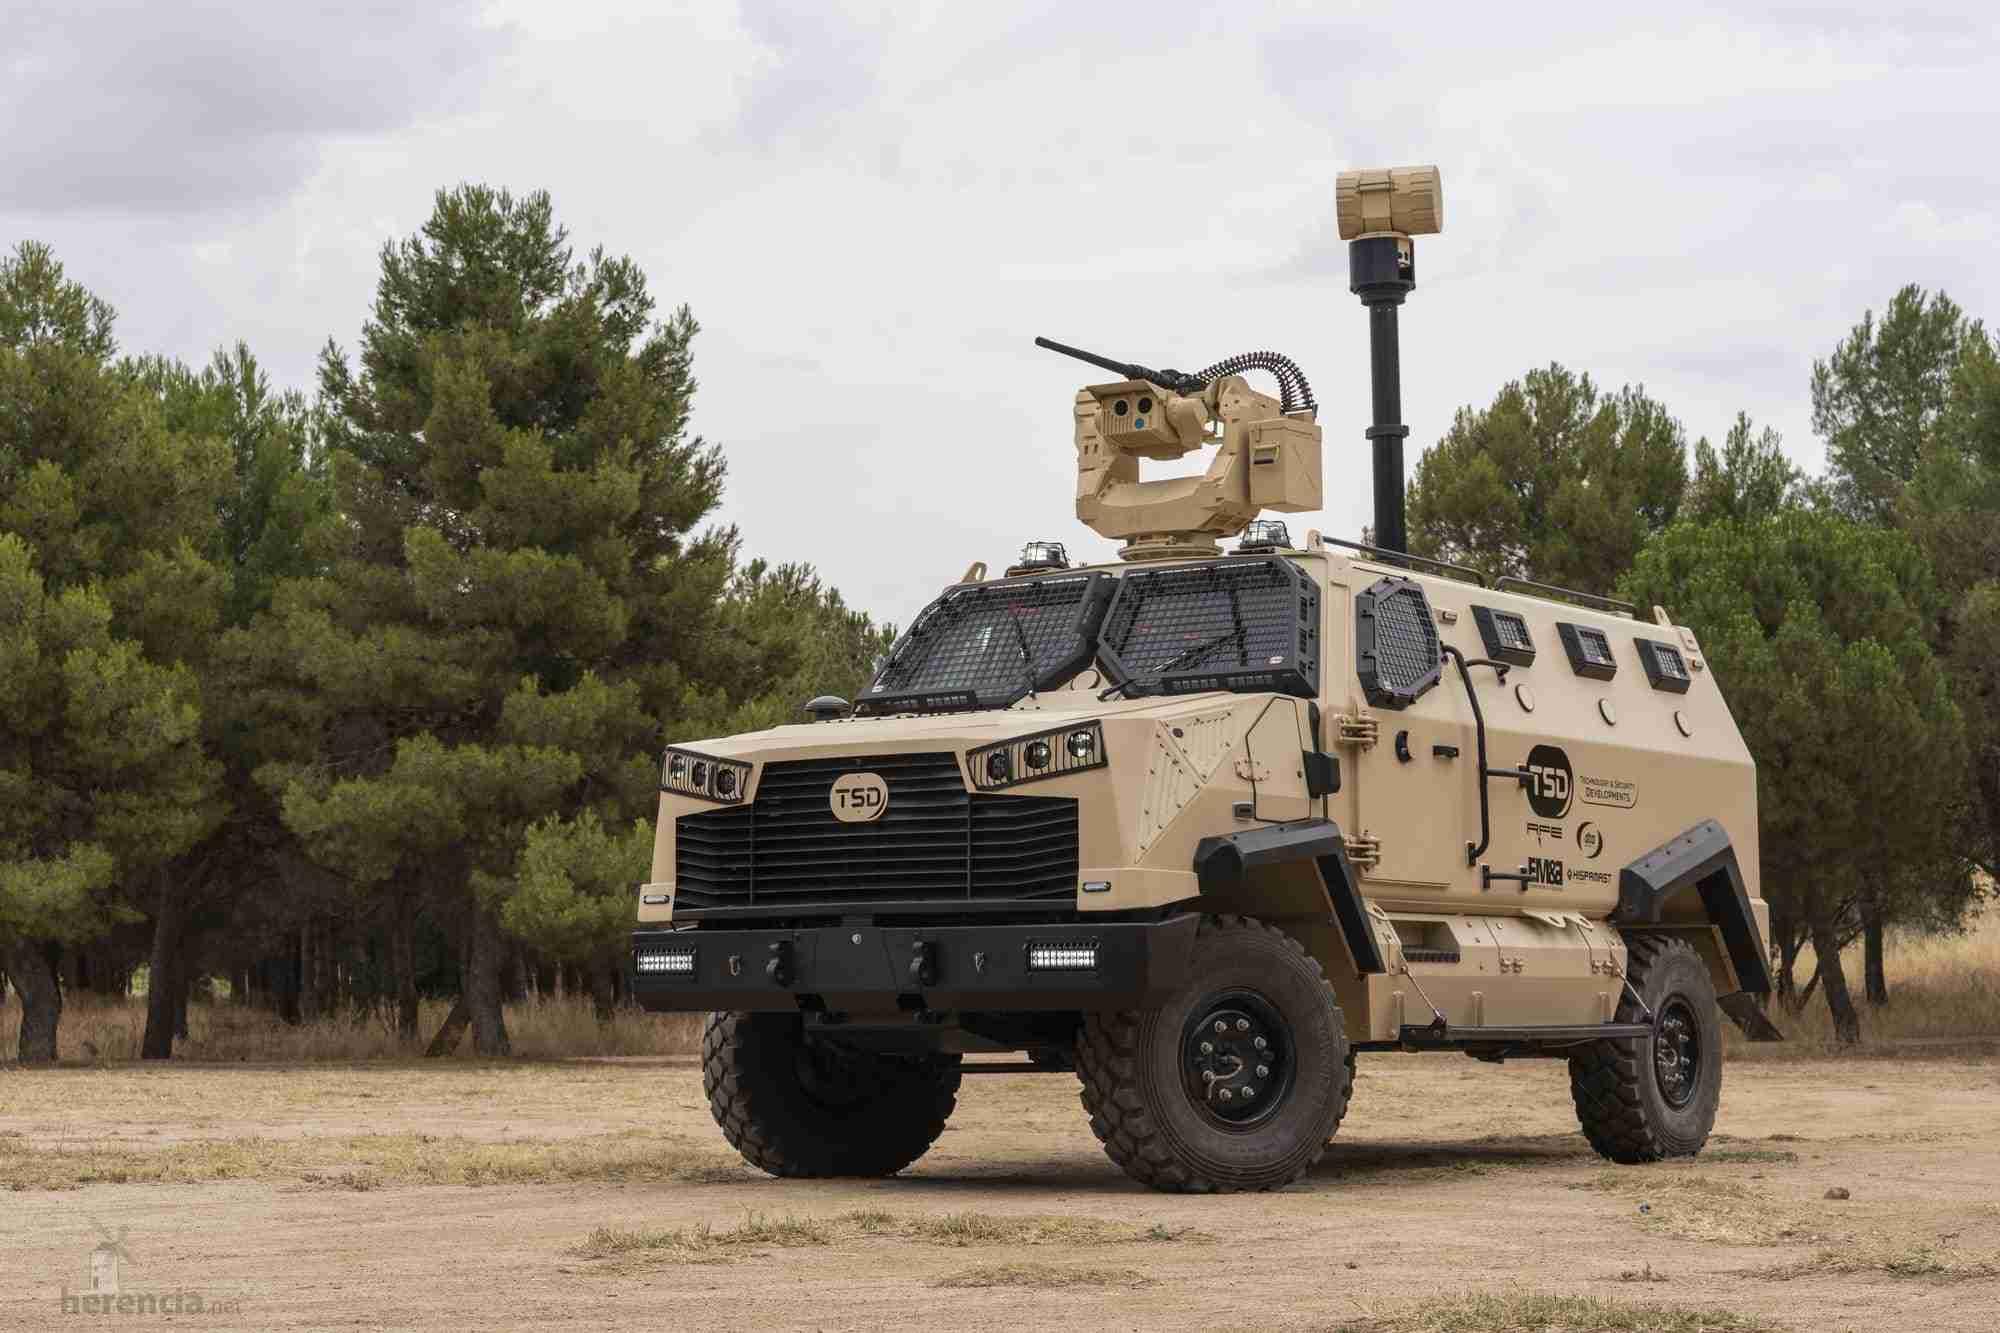 TSD presenta IBERO, un vehículo táctico multipropósito, con adaptabilidad y versatilidad 20